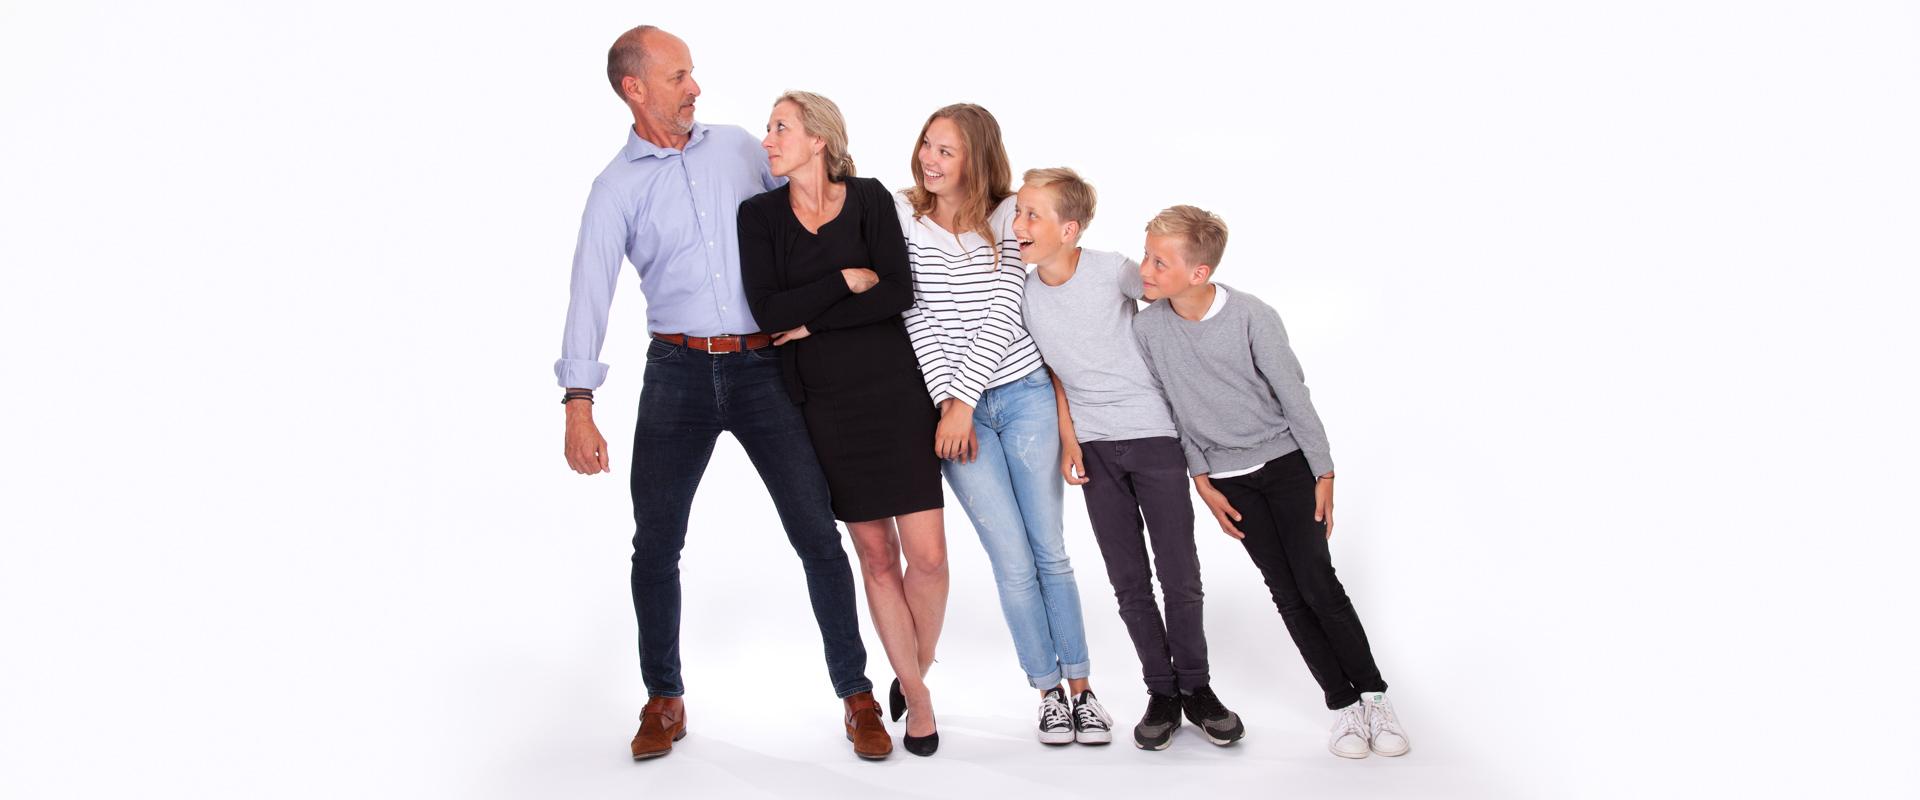 familieshoot, portretfotografie, gezinsfoto, ontspannen, fotoshoot, portret in studio